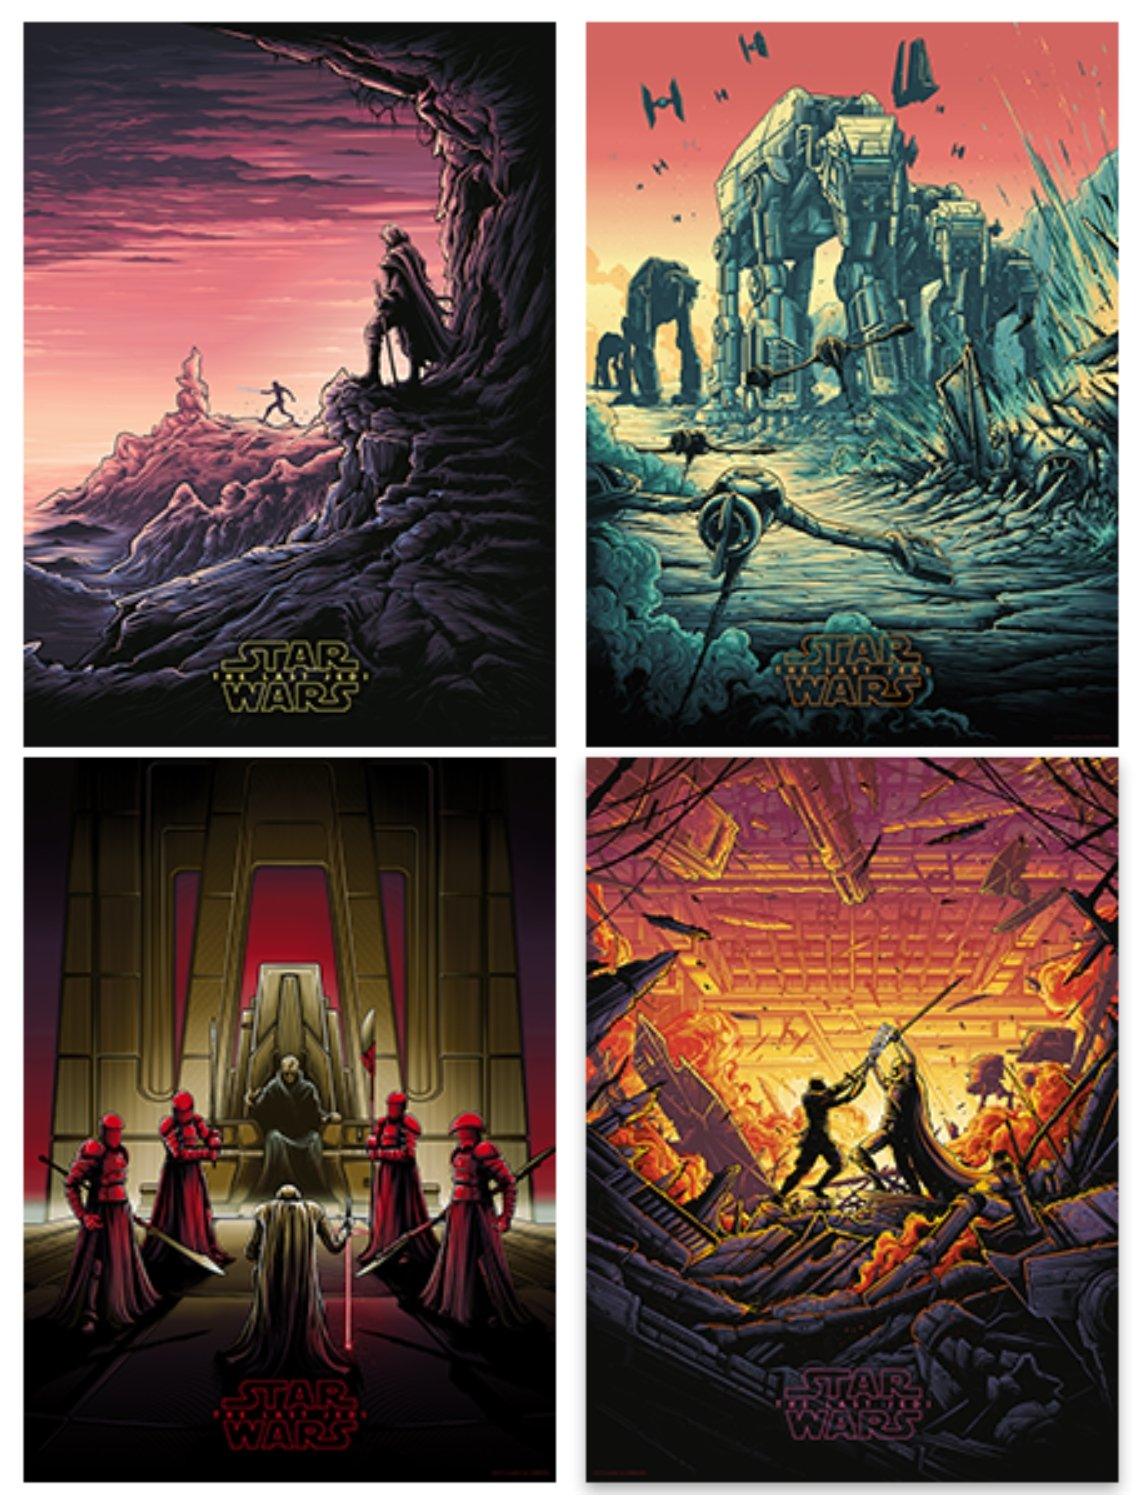 Last Jedi Imax Poster 1143x1510 Wallpaper Teahub Io